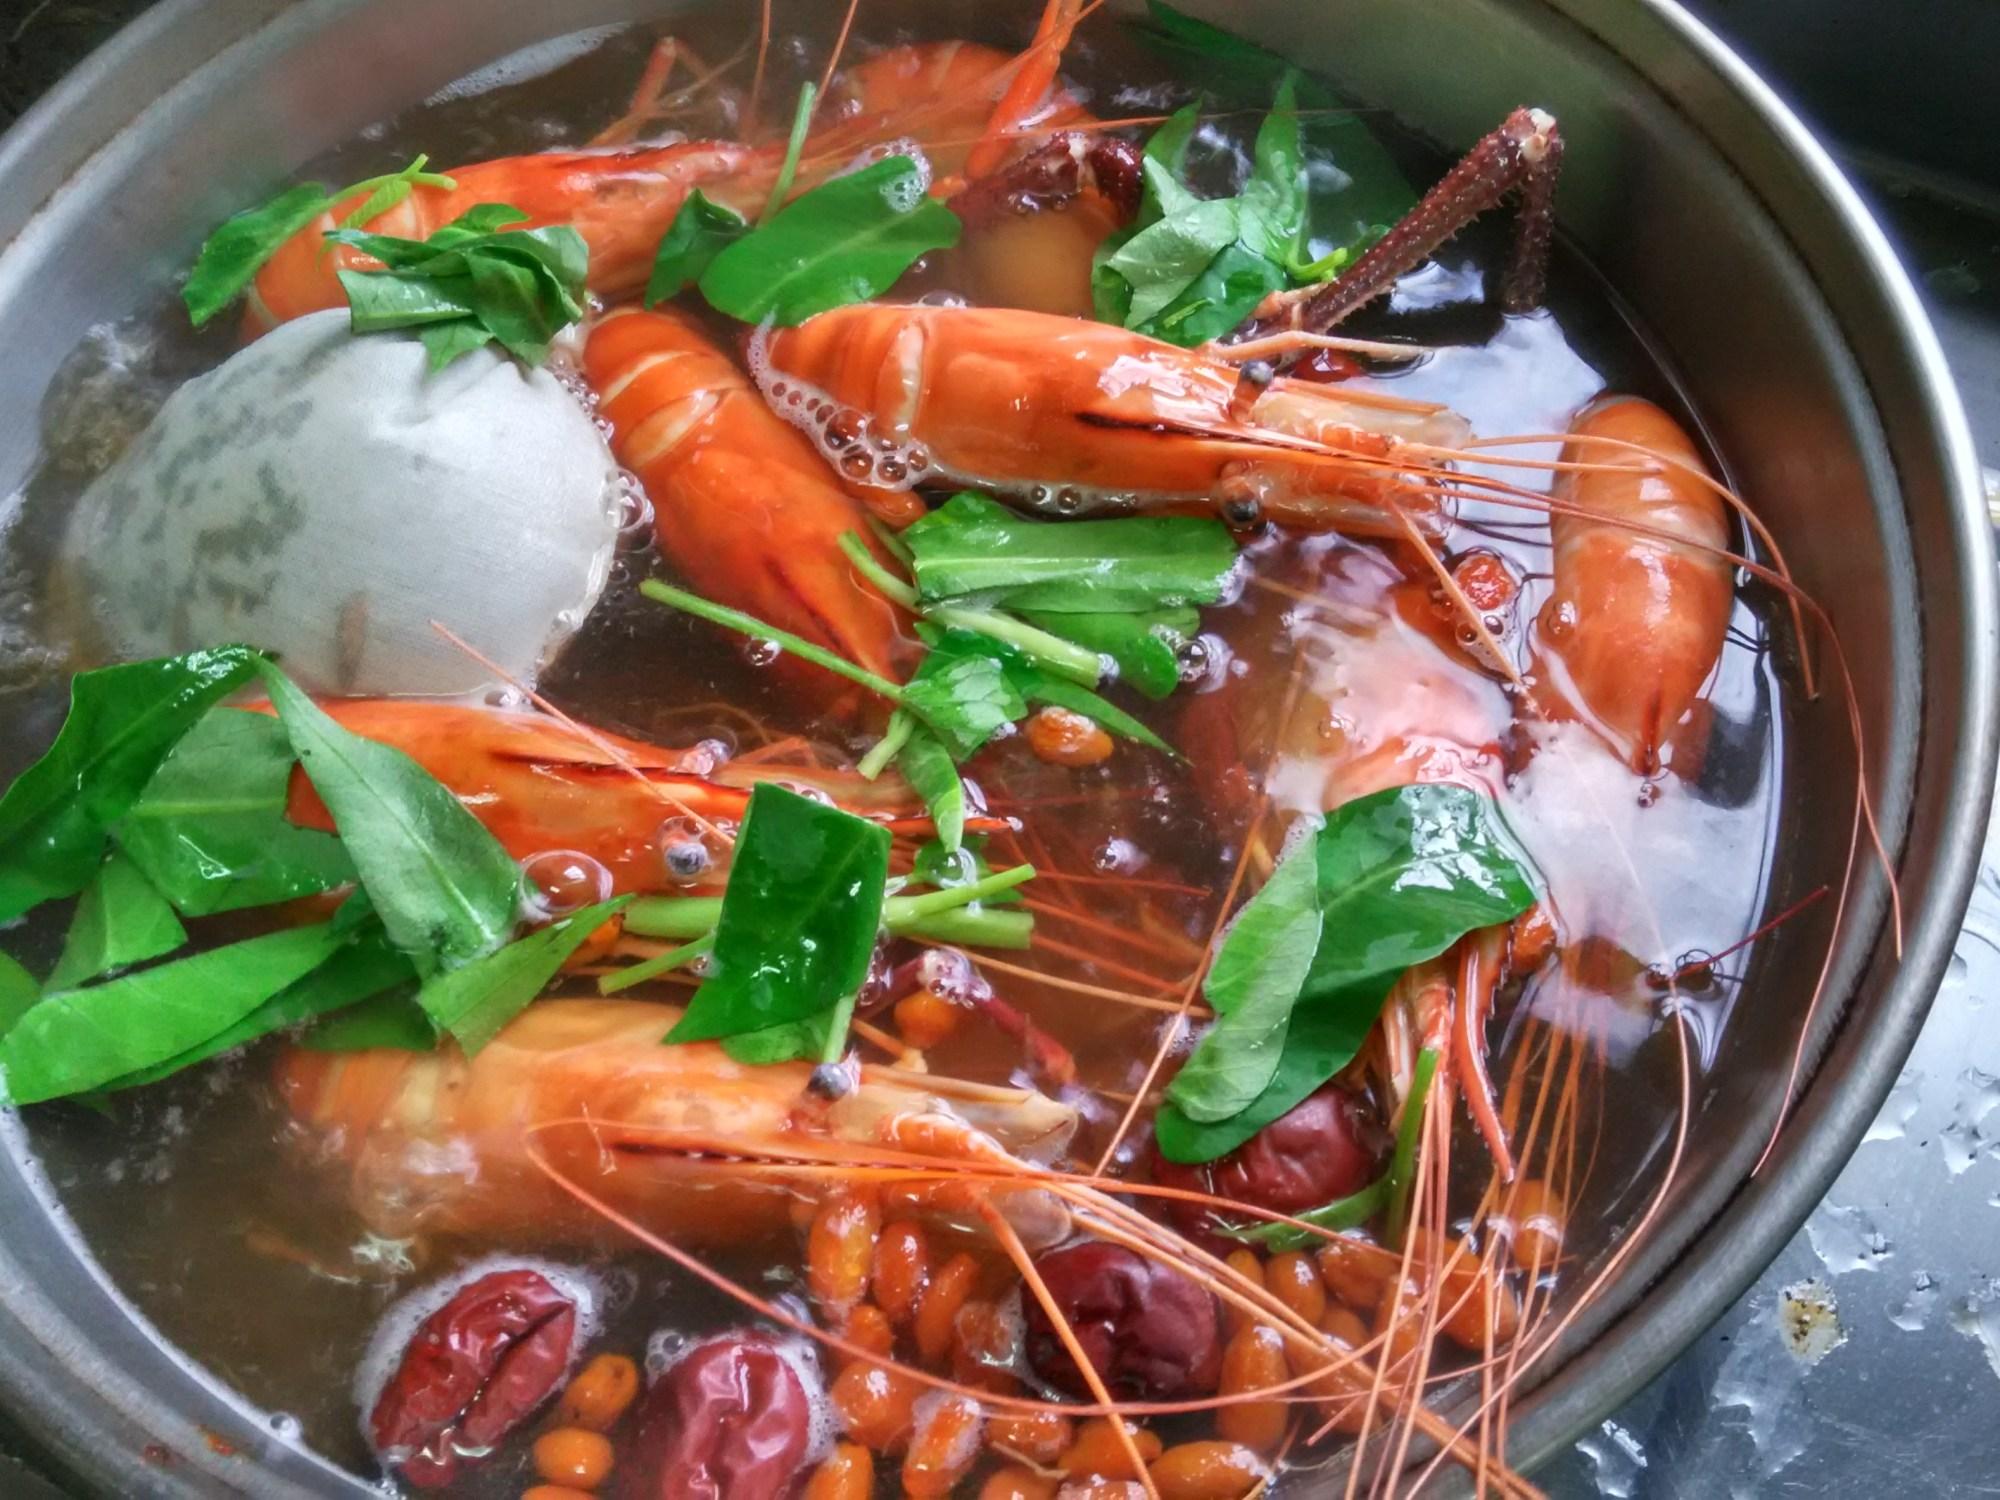 寶島小蝦米-藥膳泰國蝦 – 寶島小蝦米美食廚房